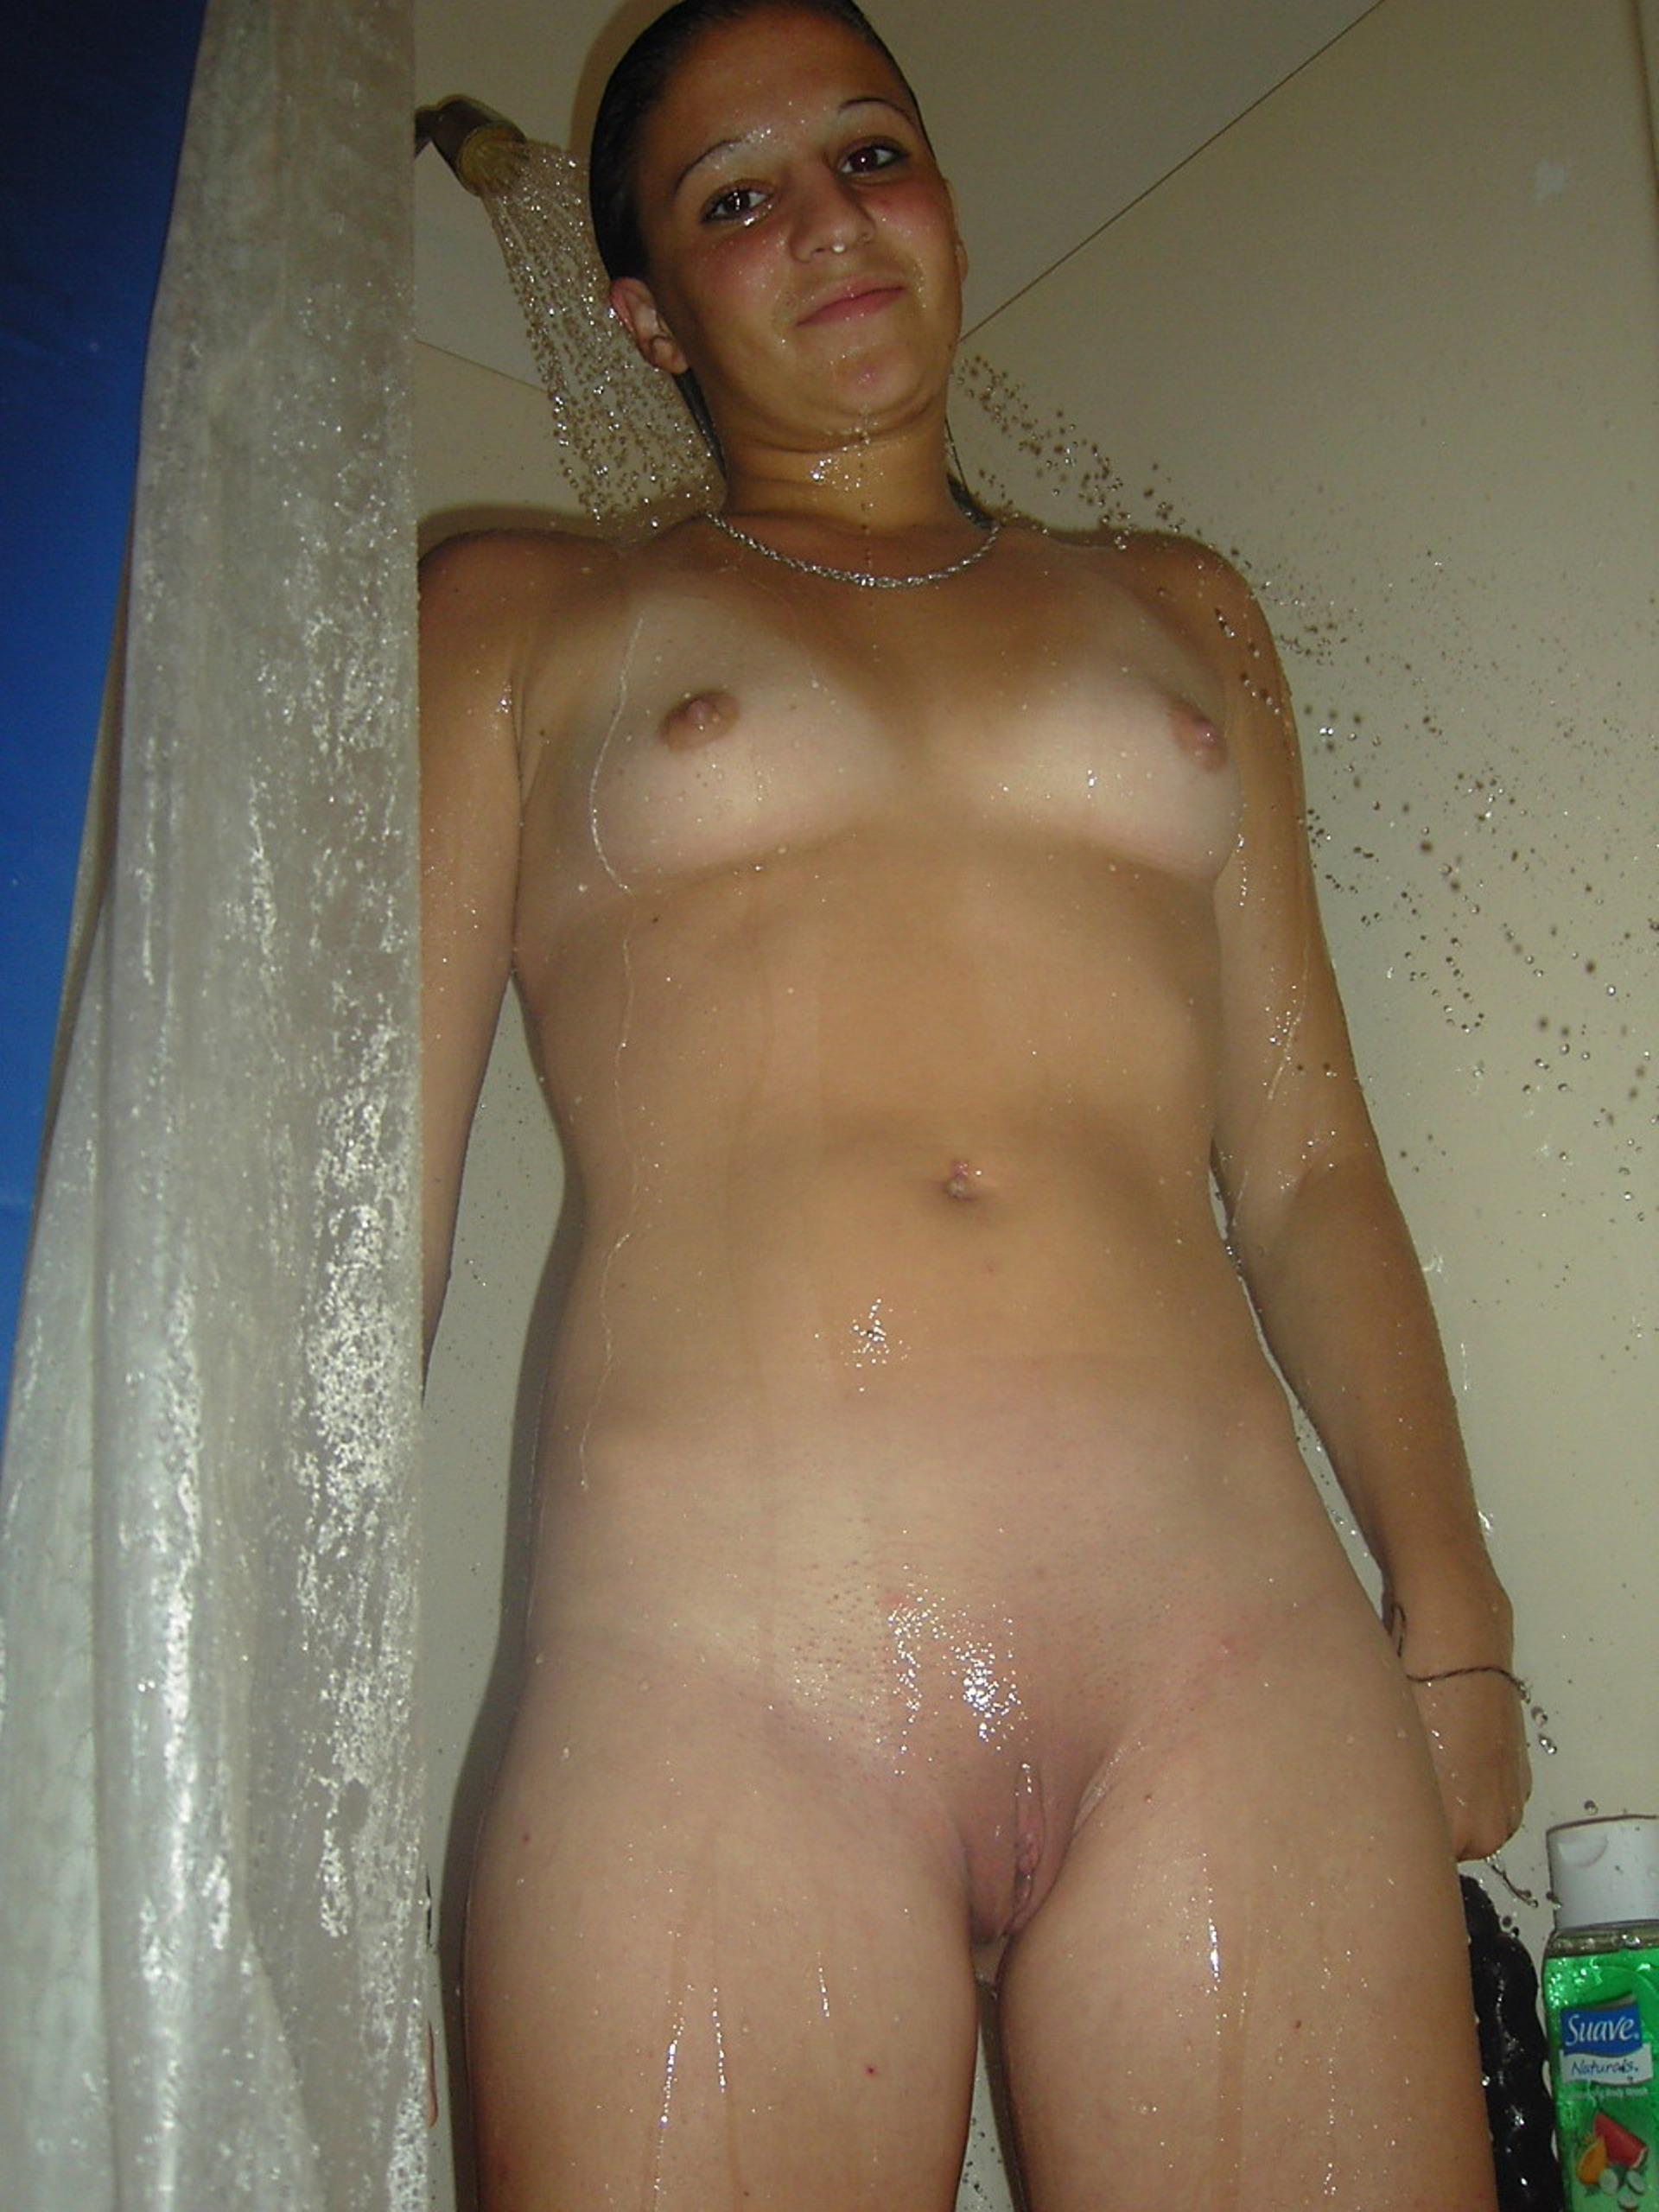 guys!!! Homemade Fat Ass Porn love sucking